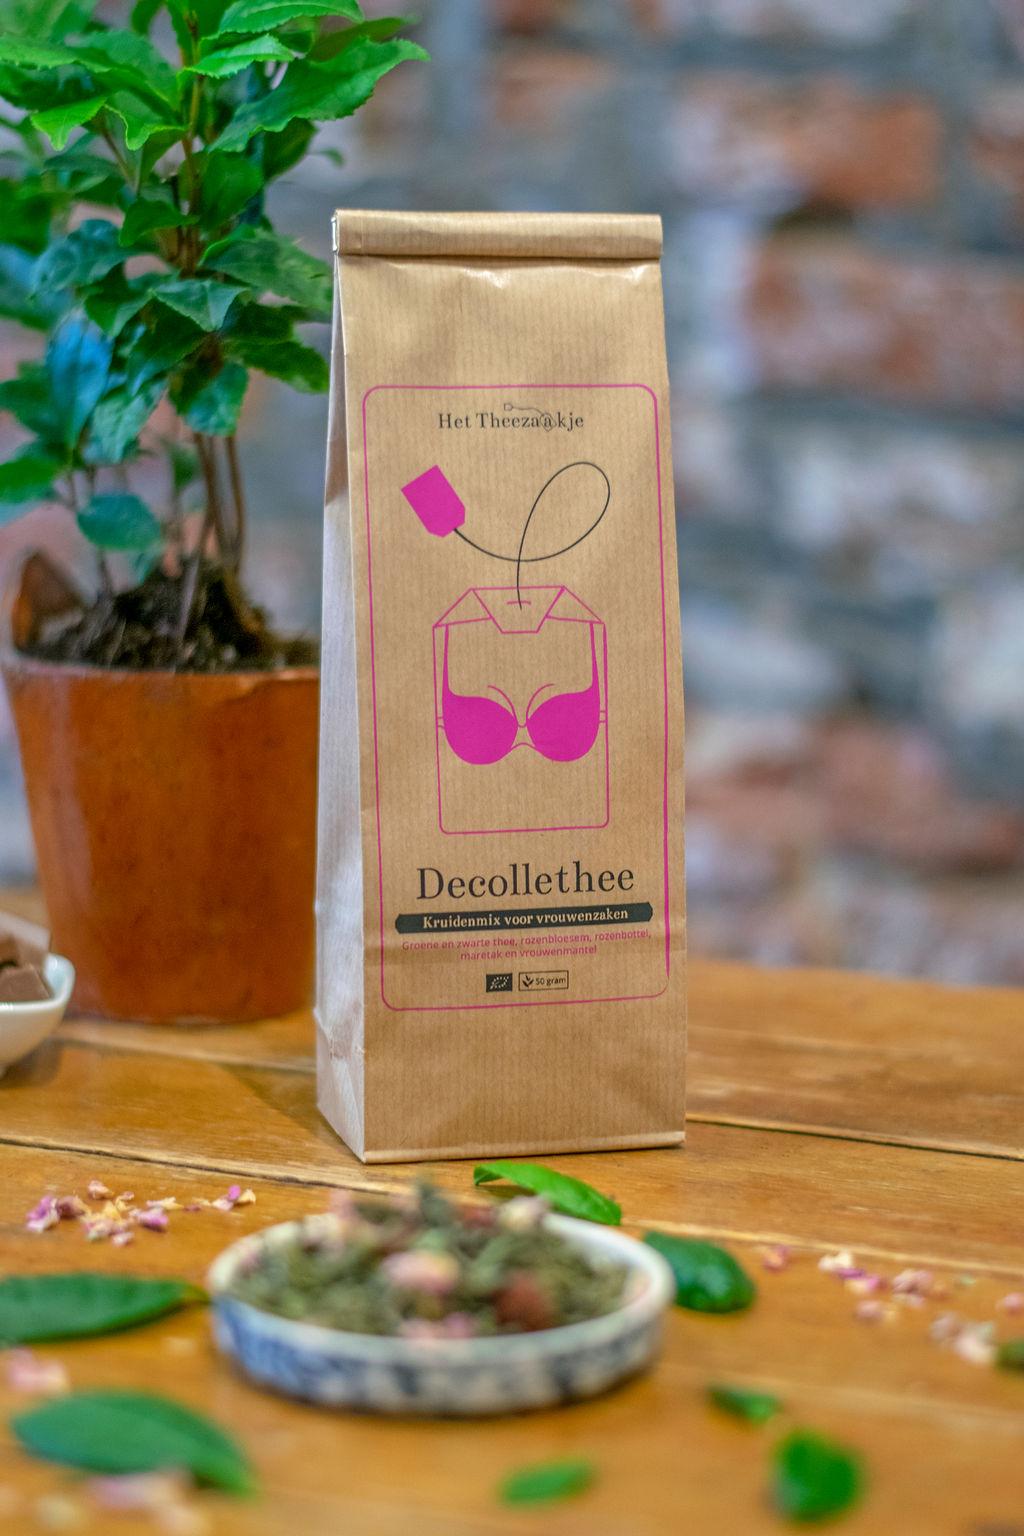 Decollethee – Kruidenmix voor vrouwenzaken